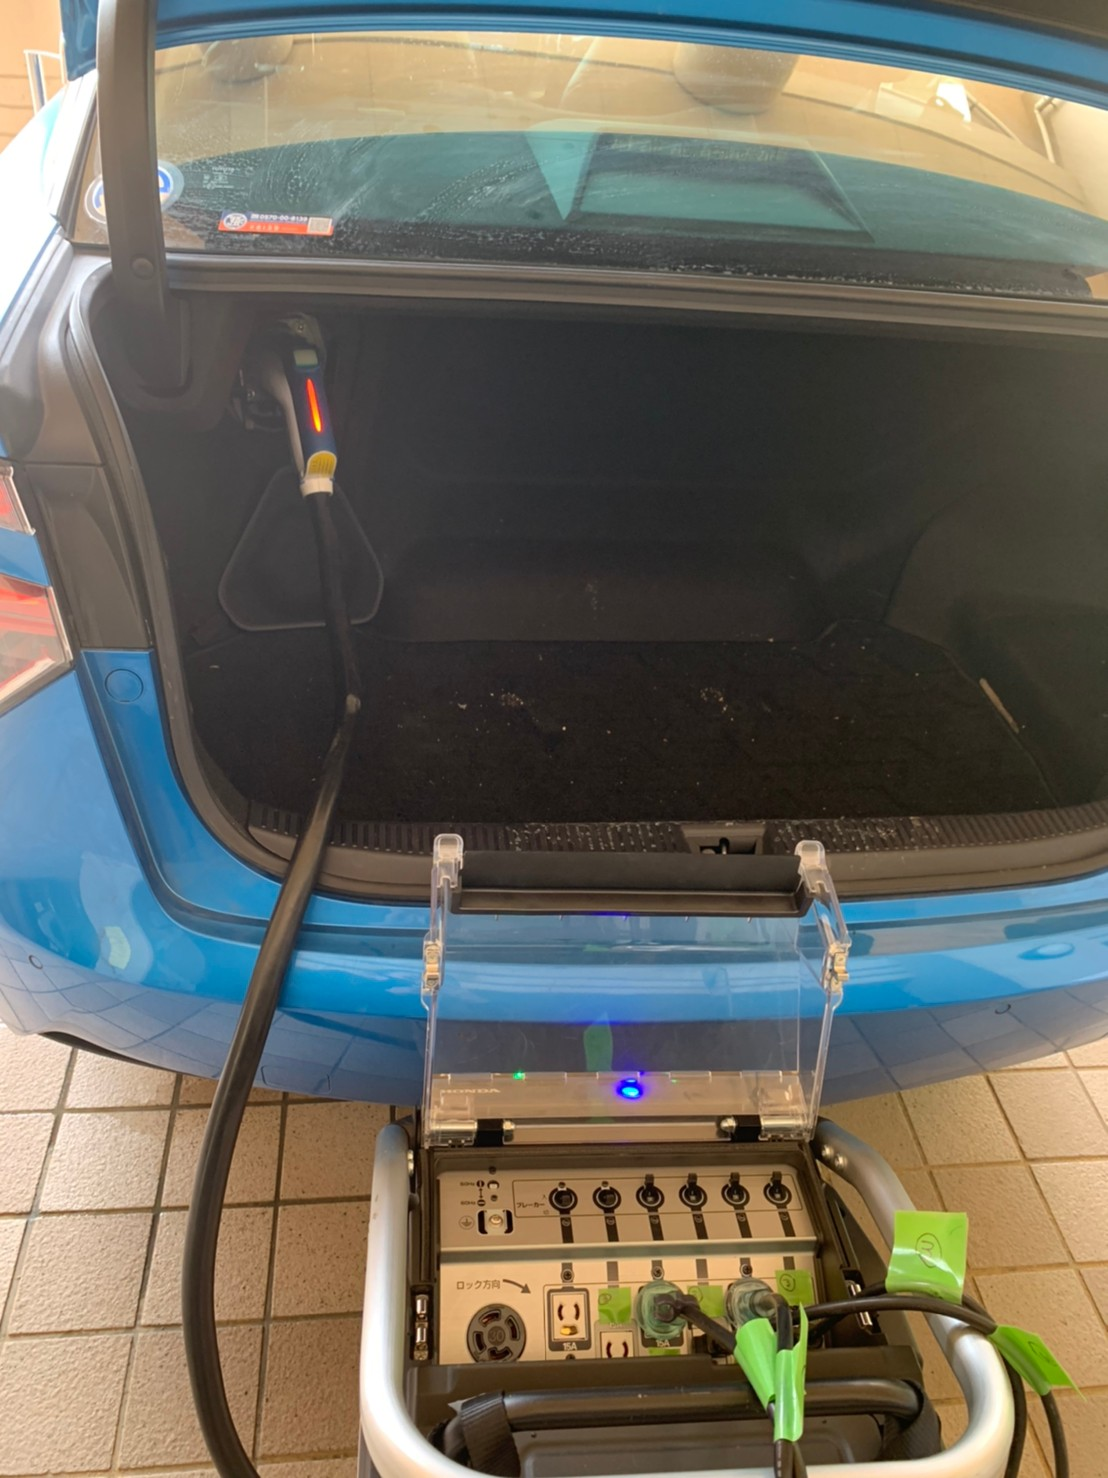 避難時の燃料電池自動車の使い方を説明